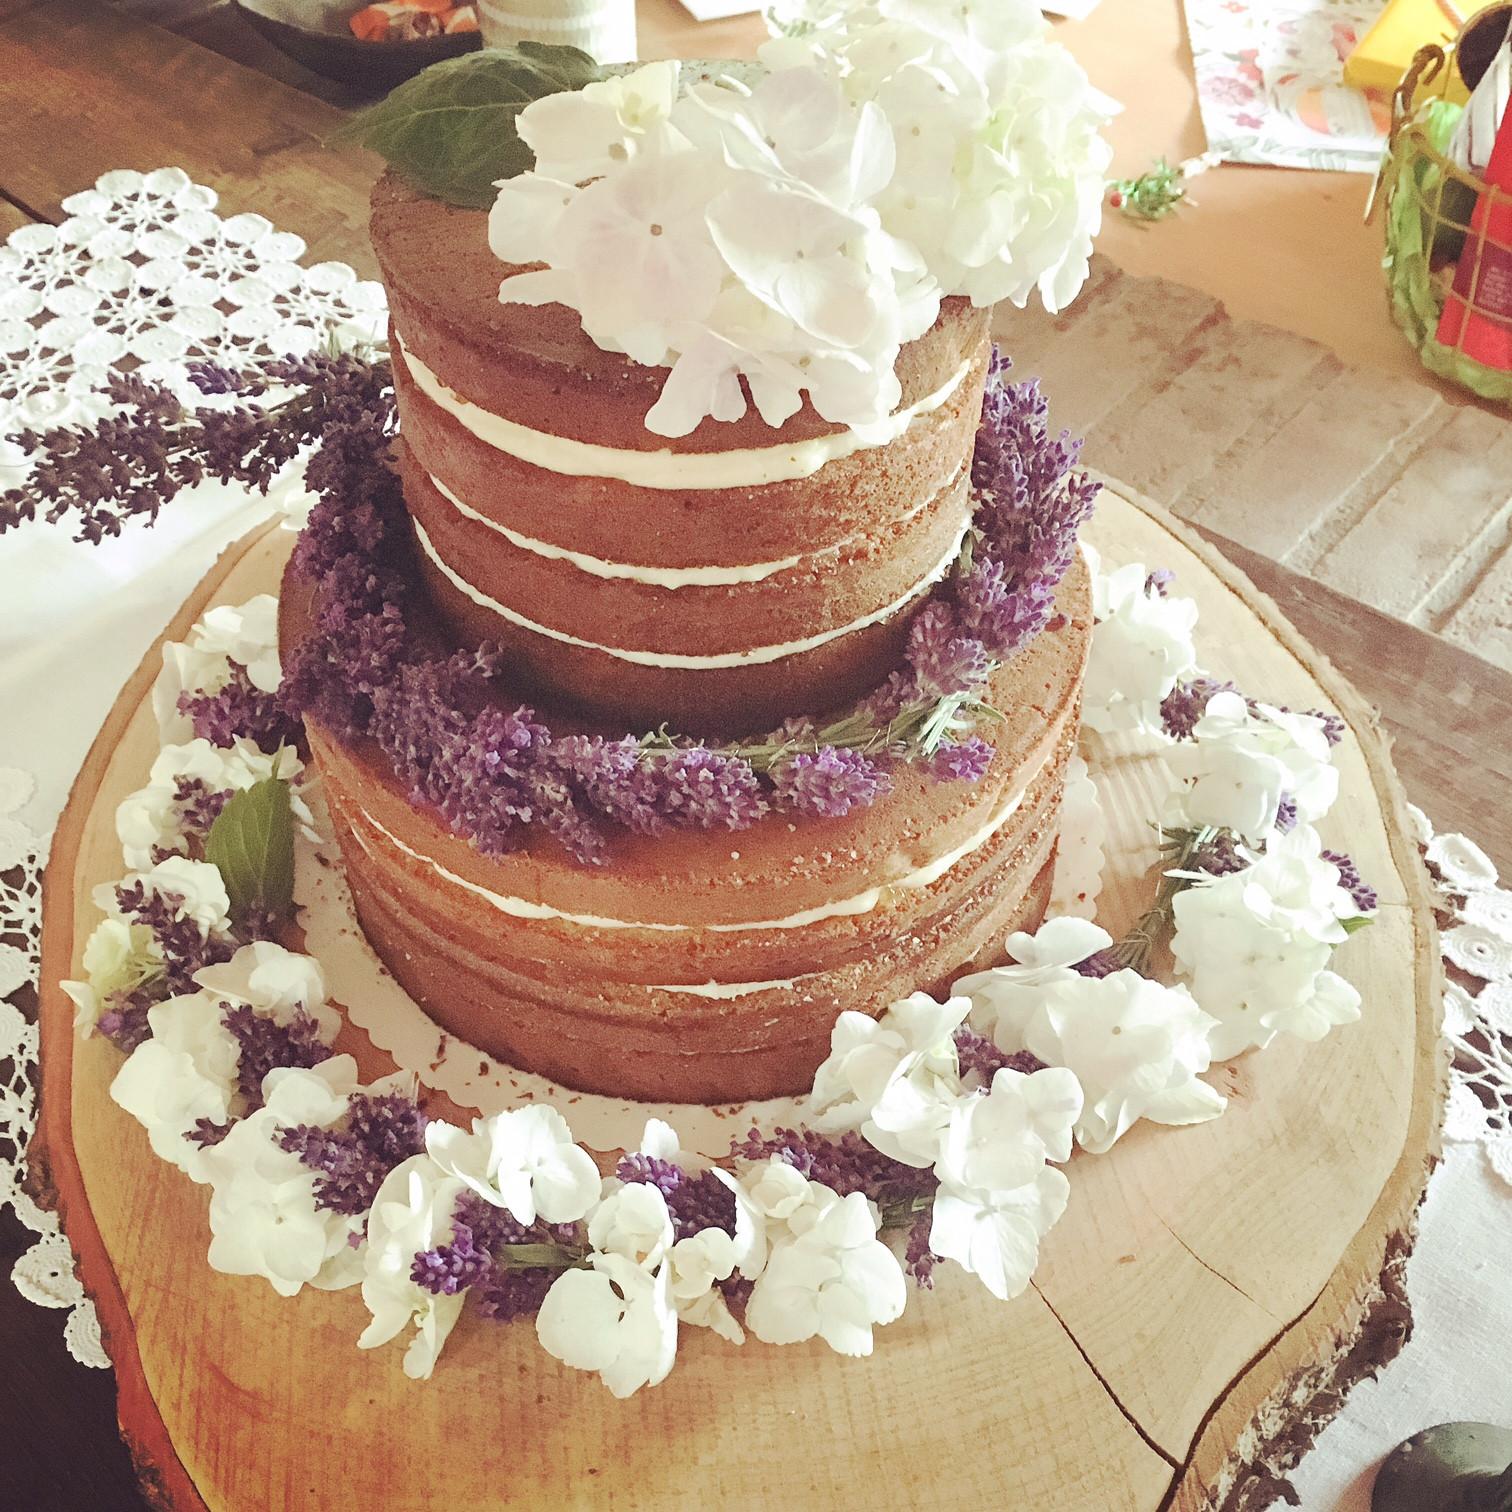 Naked Cake Hochzeitstorte  Naked Cake Hochzeitstorte cakefriday genussgeeks